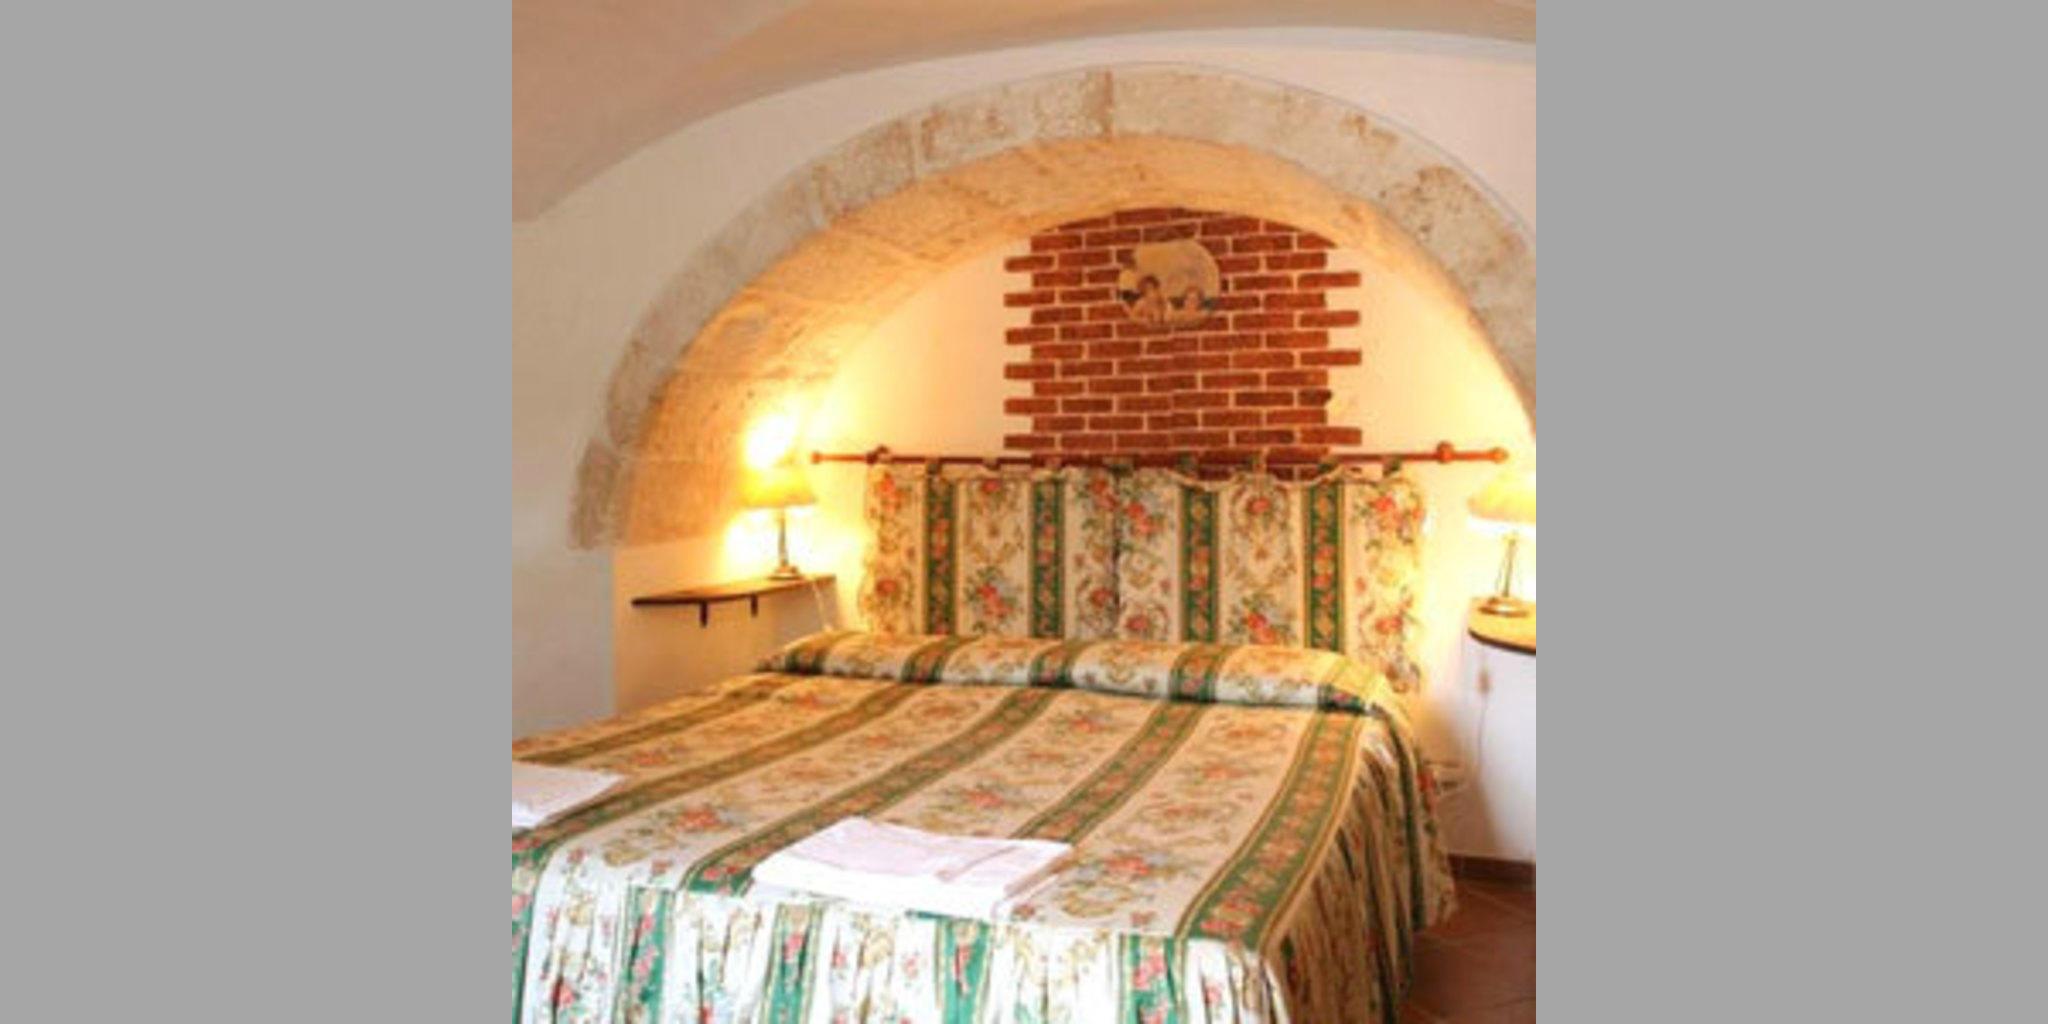 Bed & Breakfast Castellana Grotte - Selva Di Fasano